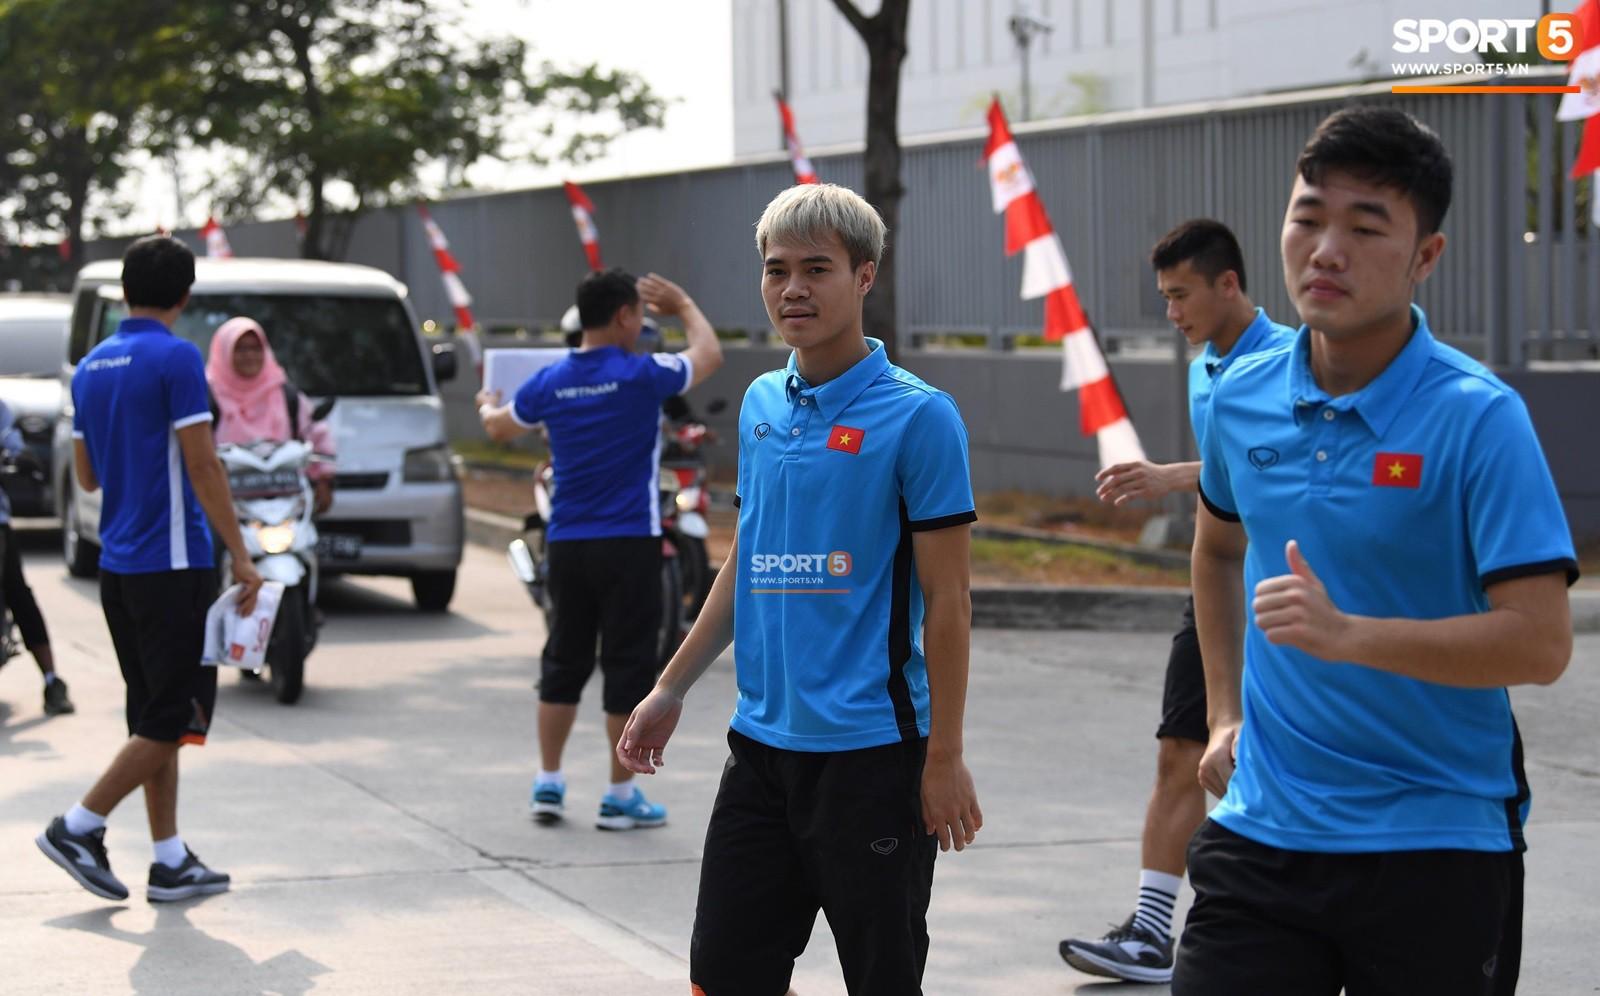 HLV Park Hang Seo cẩn thận cùng ban huấn luyện ngăn xe cho học trò băng qua đường tập luyện - Ảnh 6.